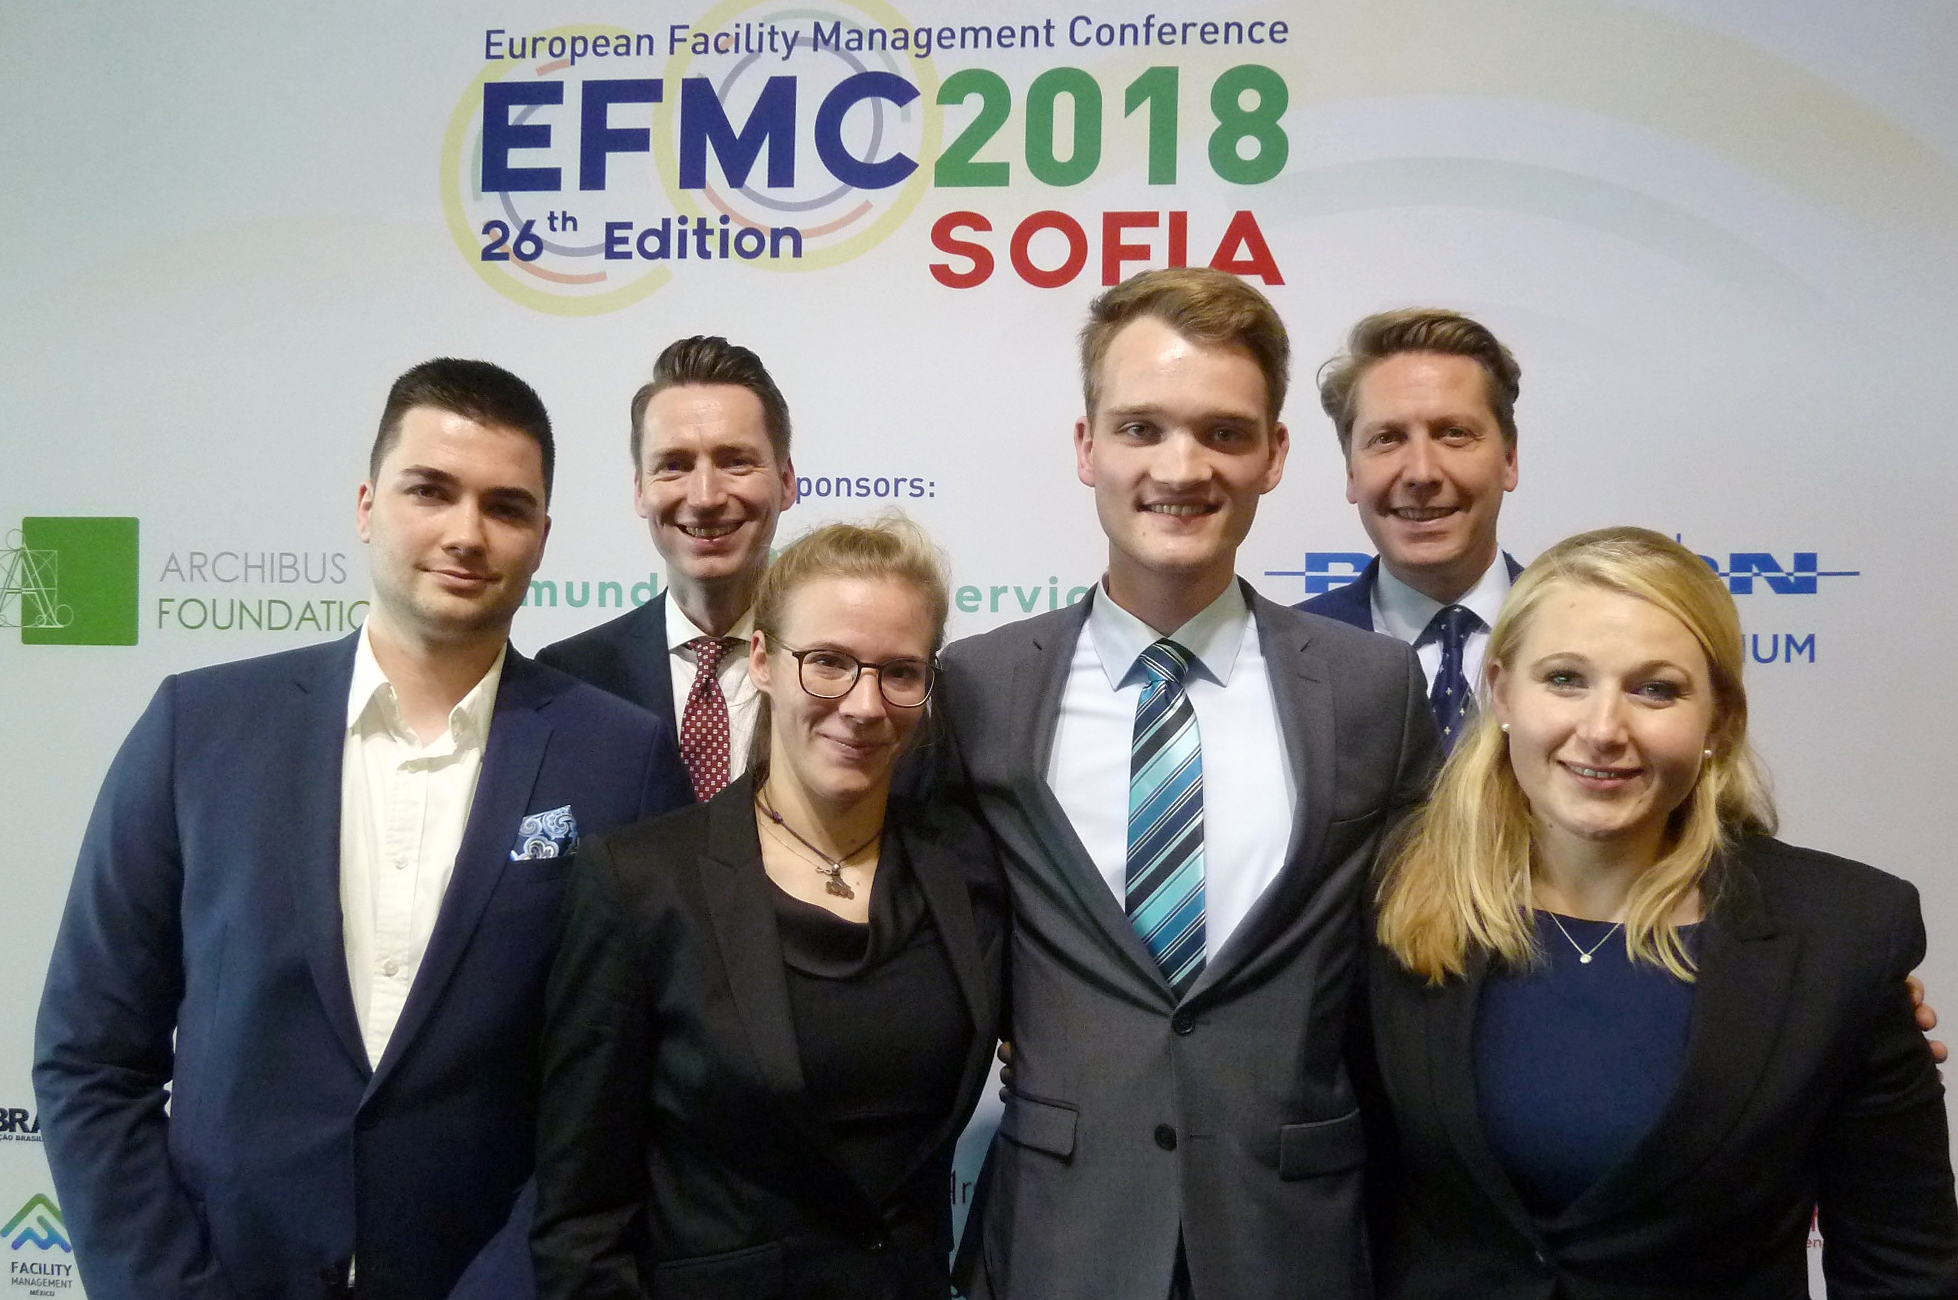 Jonas Meusel, Nele Gendig, Marius Hülk und Patricia Dankert, Prof. Dr. Frank Lattuch und Prof. Dr. Torben Bernhold von der FH Münster